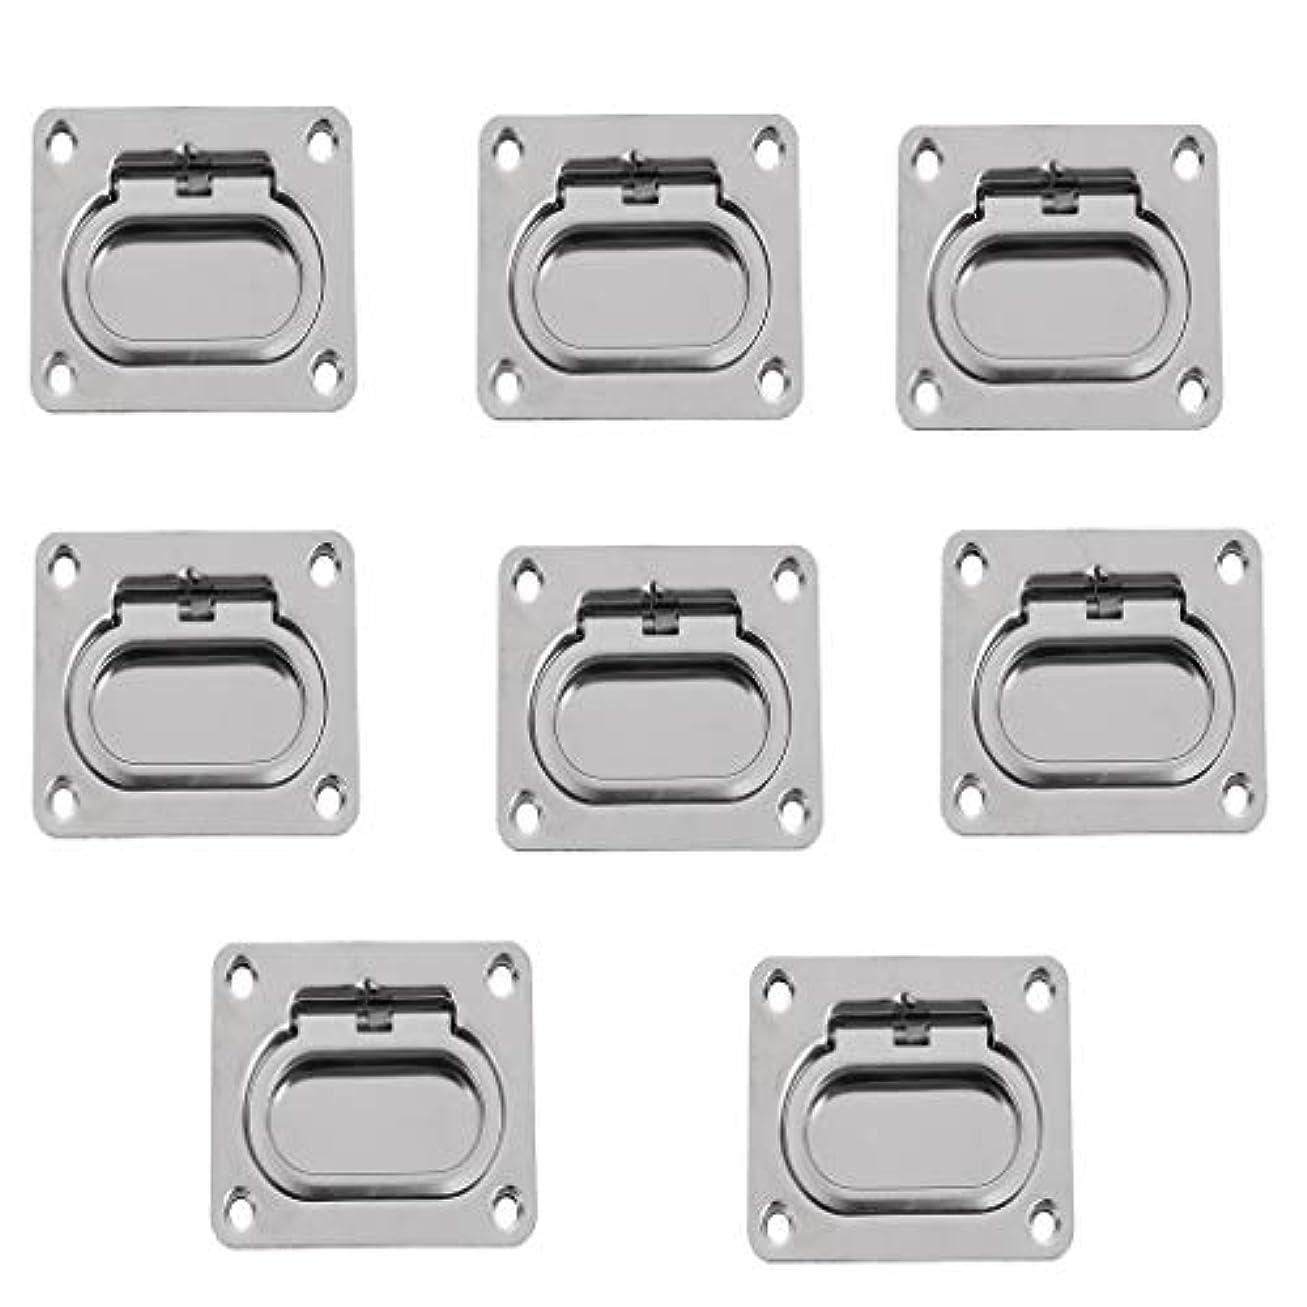 服を片付ける戸惑う増幅B Blesiya ステンレス リング ハンドル フラッシュハッチ ロッカー キャビネット ハードウェア 8個